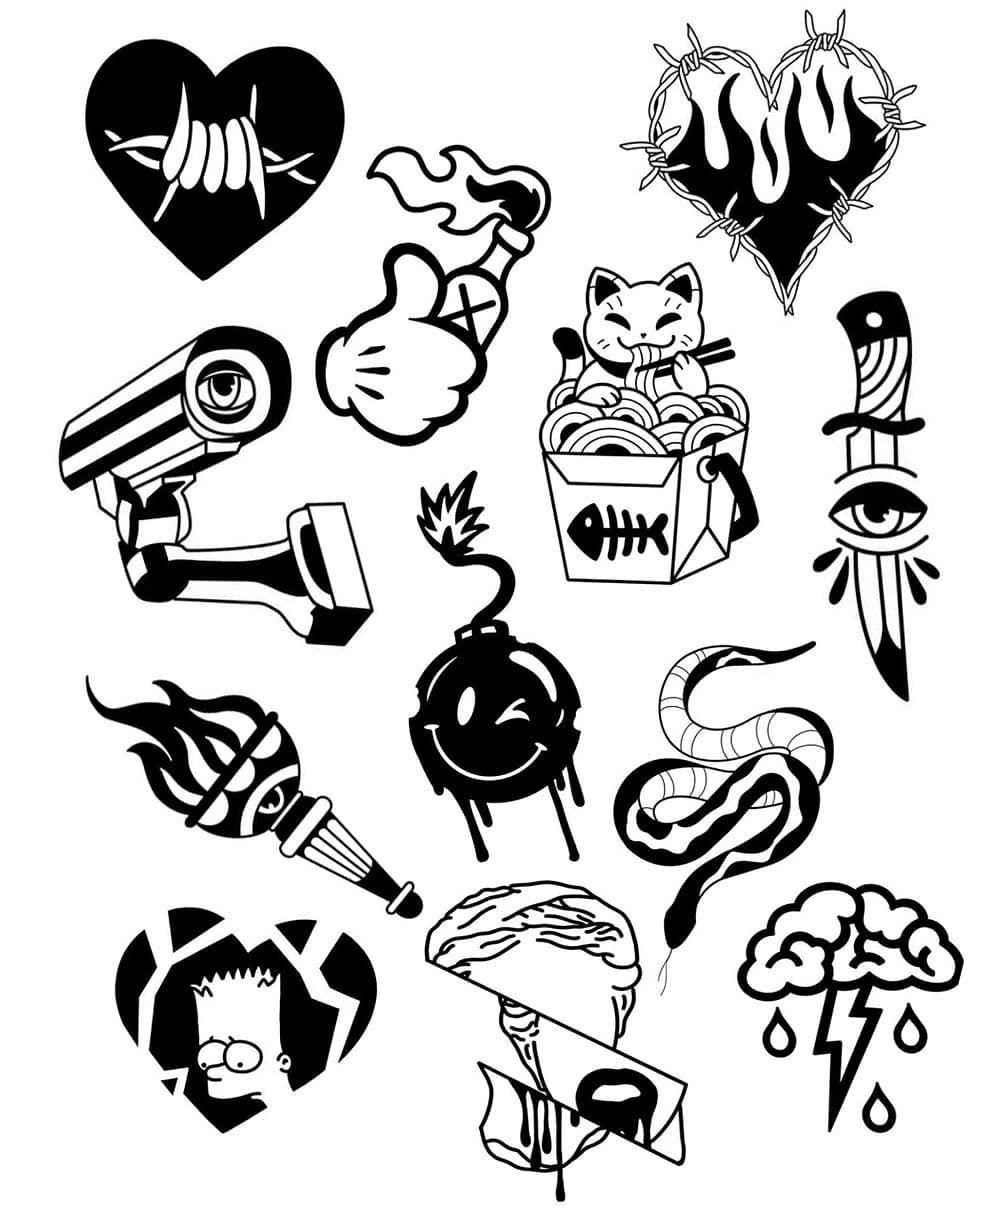 Salikh 999 Tatu Partak Tattogirl Tatushka Sketch Sketchbook Sketching Sketchtattoo T Tattoo Sketches Tattoo Flash Art Doodle Tattoo